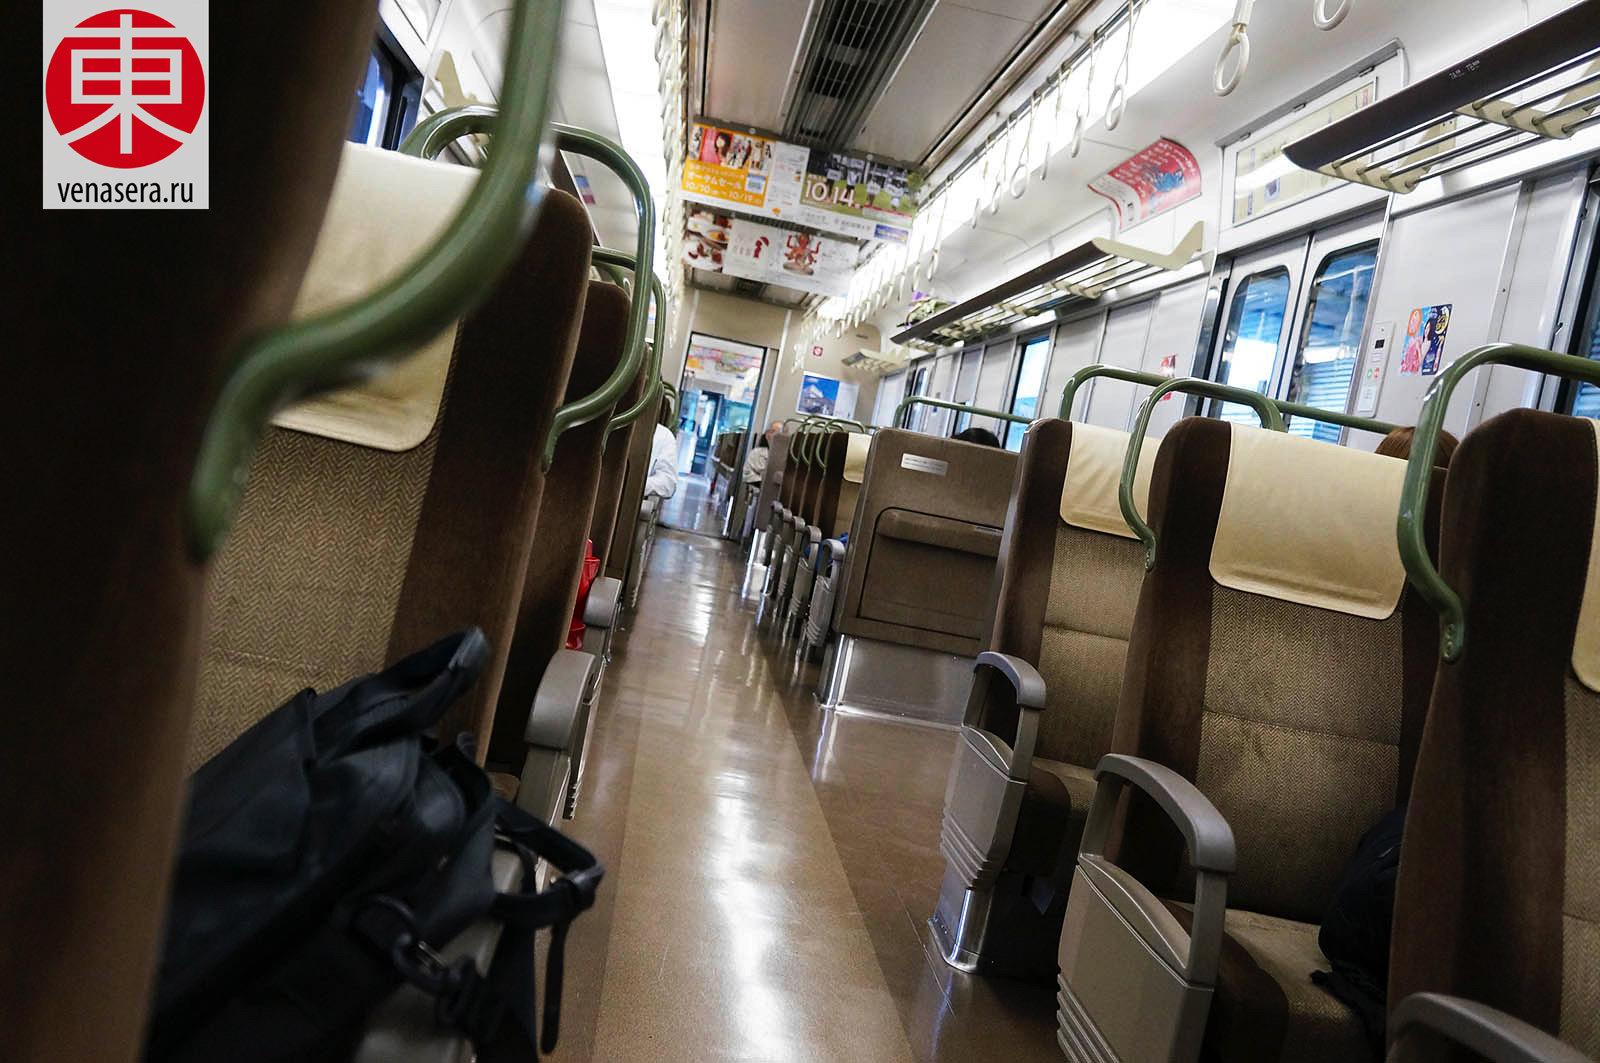 Хонсю, Honshu, 本州, Япония, Japan, 日本.